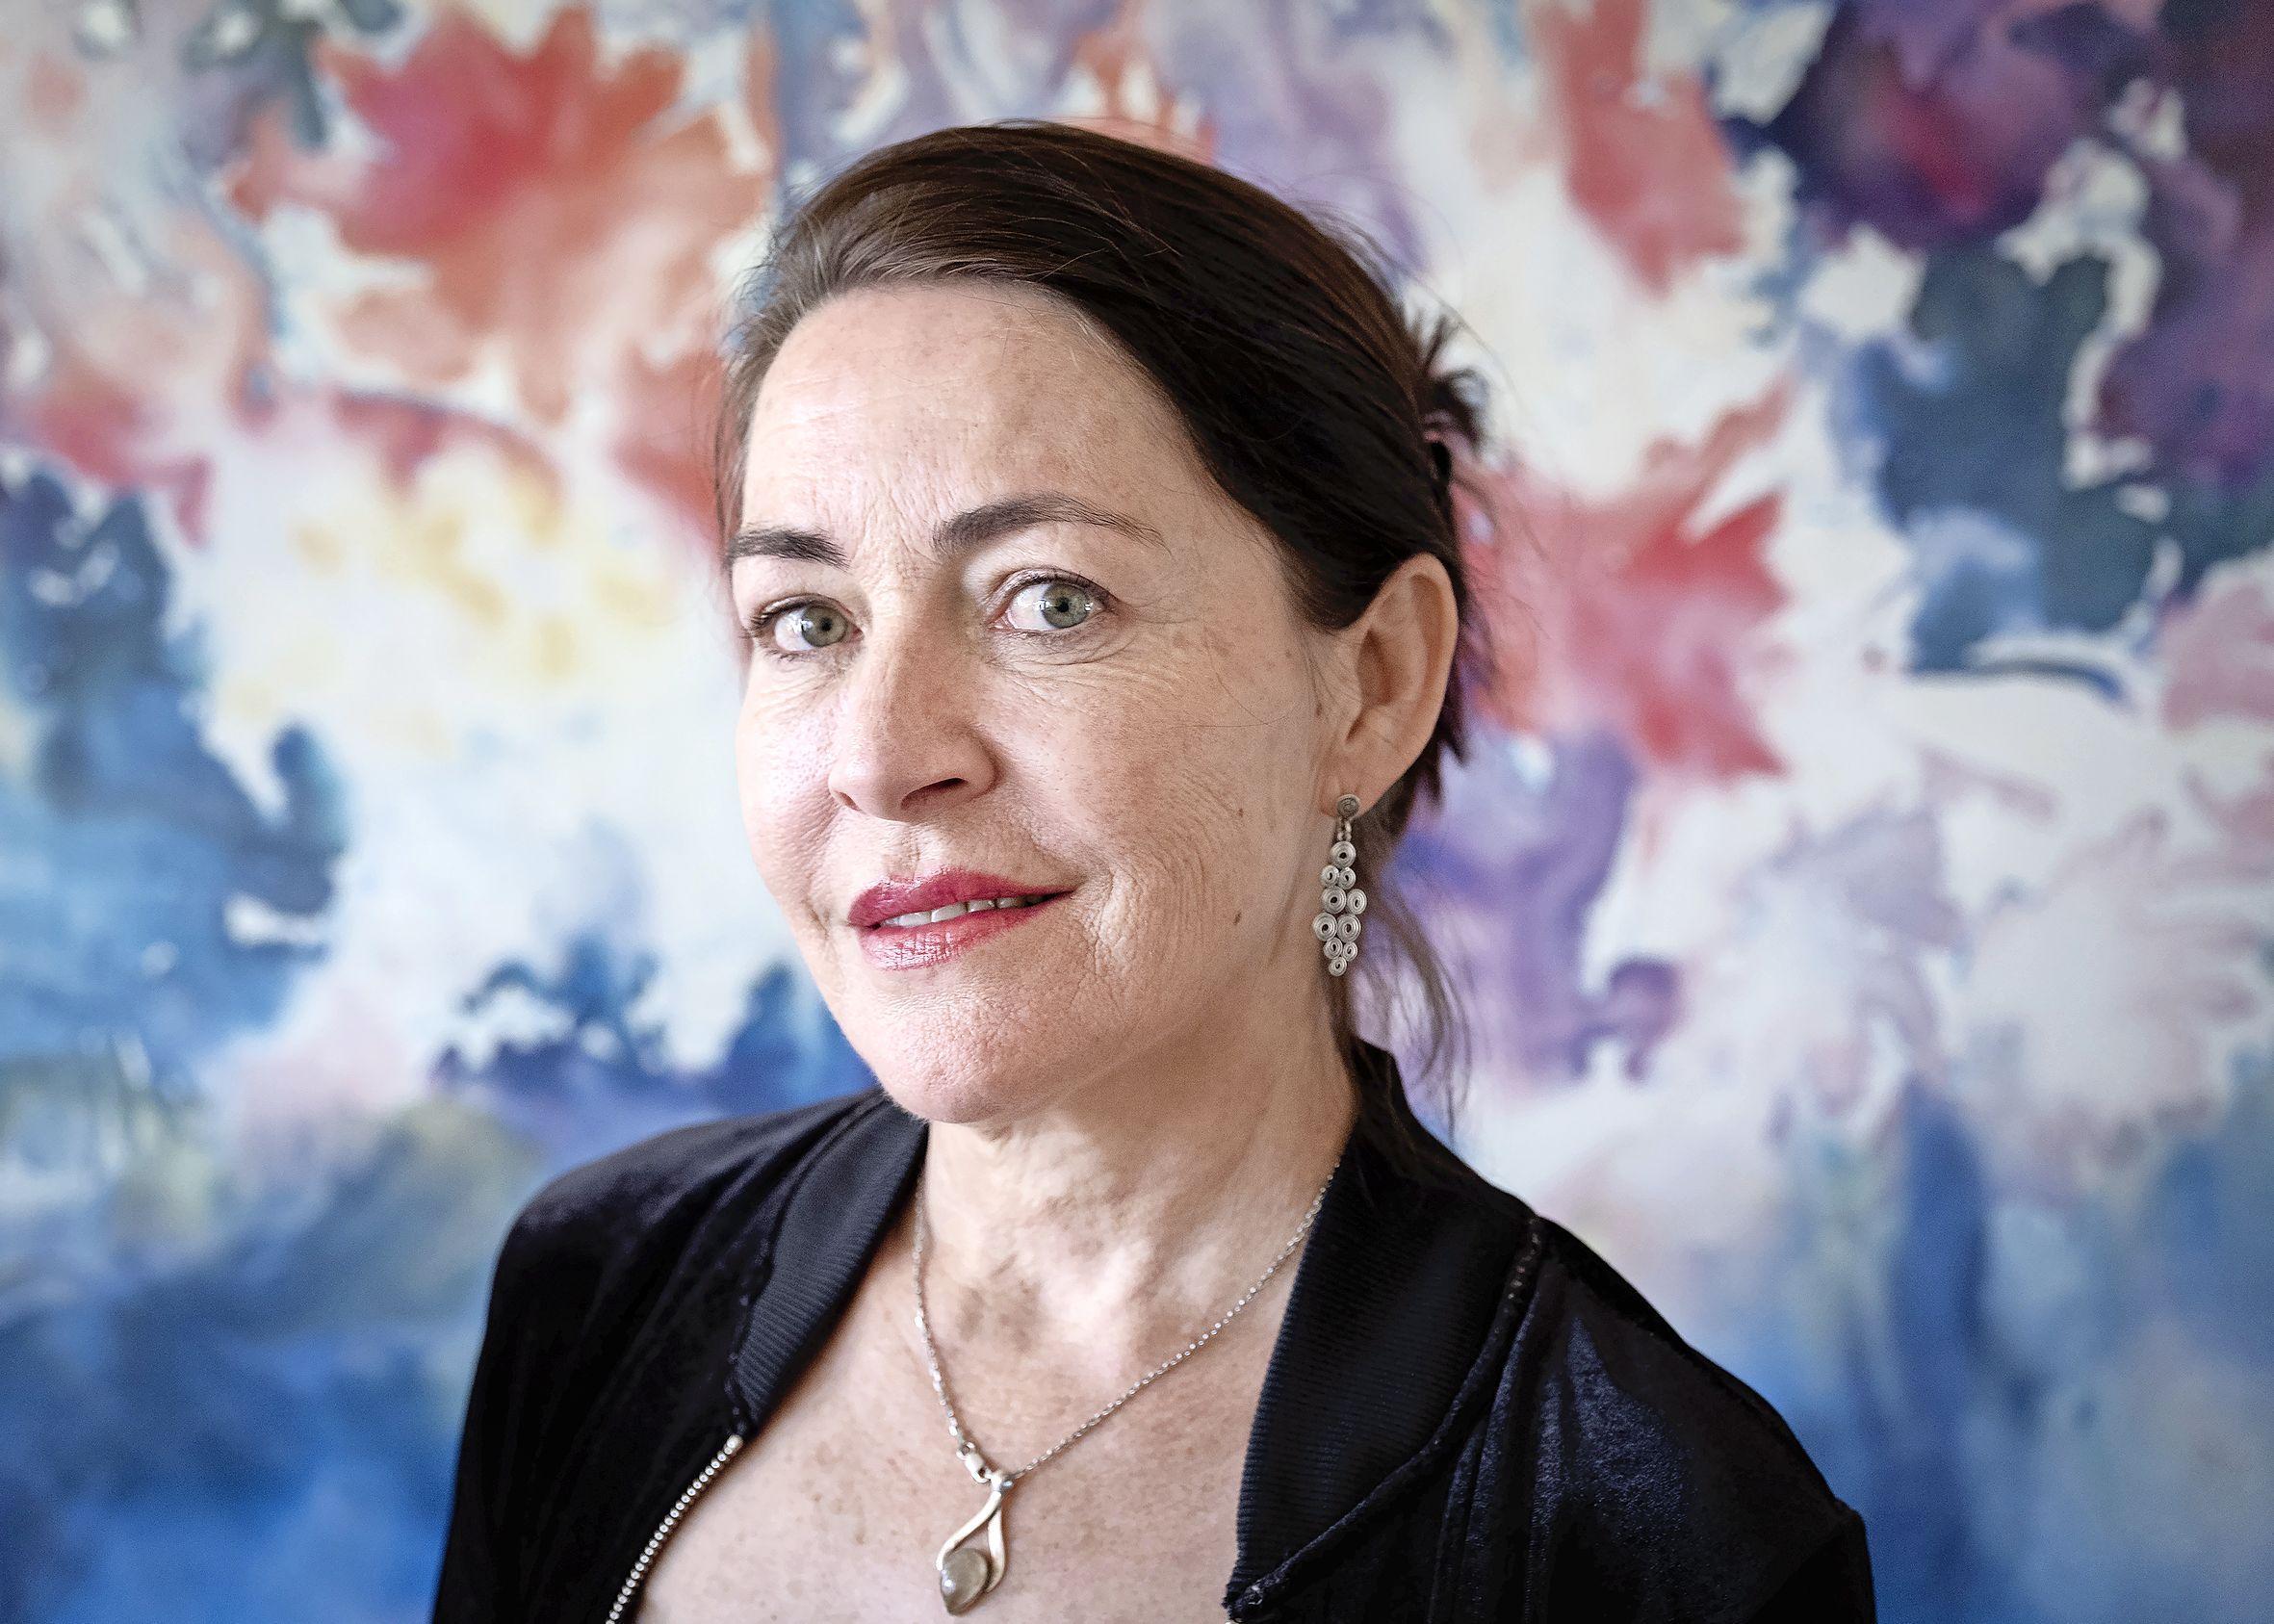 'Nooit had ik kunnen bedenken dat mijn verhaal werkelijkheid zou worden'; Suzanna Esther schrijft vervolg op thriller over mysterieuze ziekte